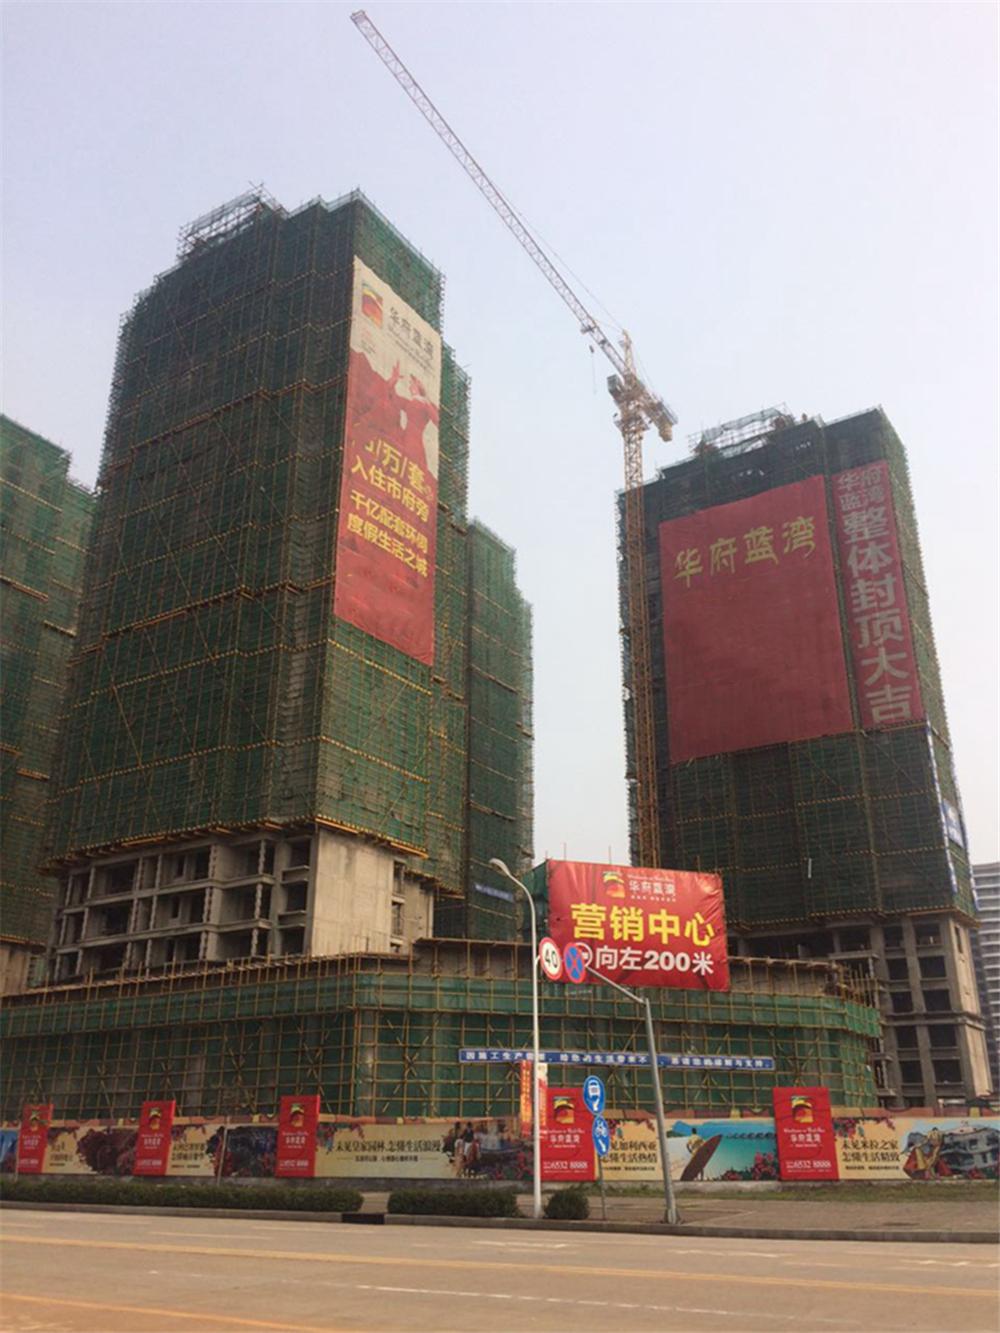 http://yuefangwangimg.oss-cn-hangzhou.aliyuncs.com/uploads/20200926/716015fbbe907f175058f8075da04d21Max.jpg